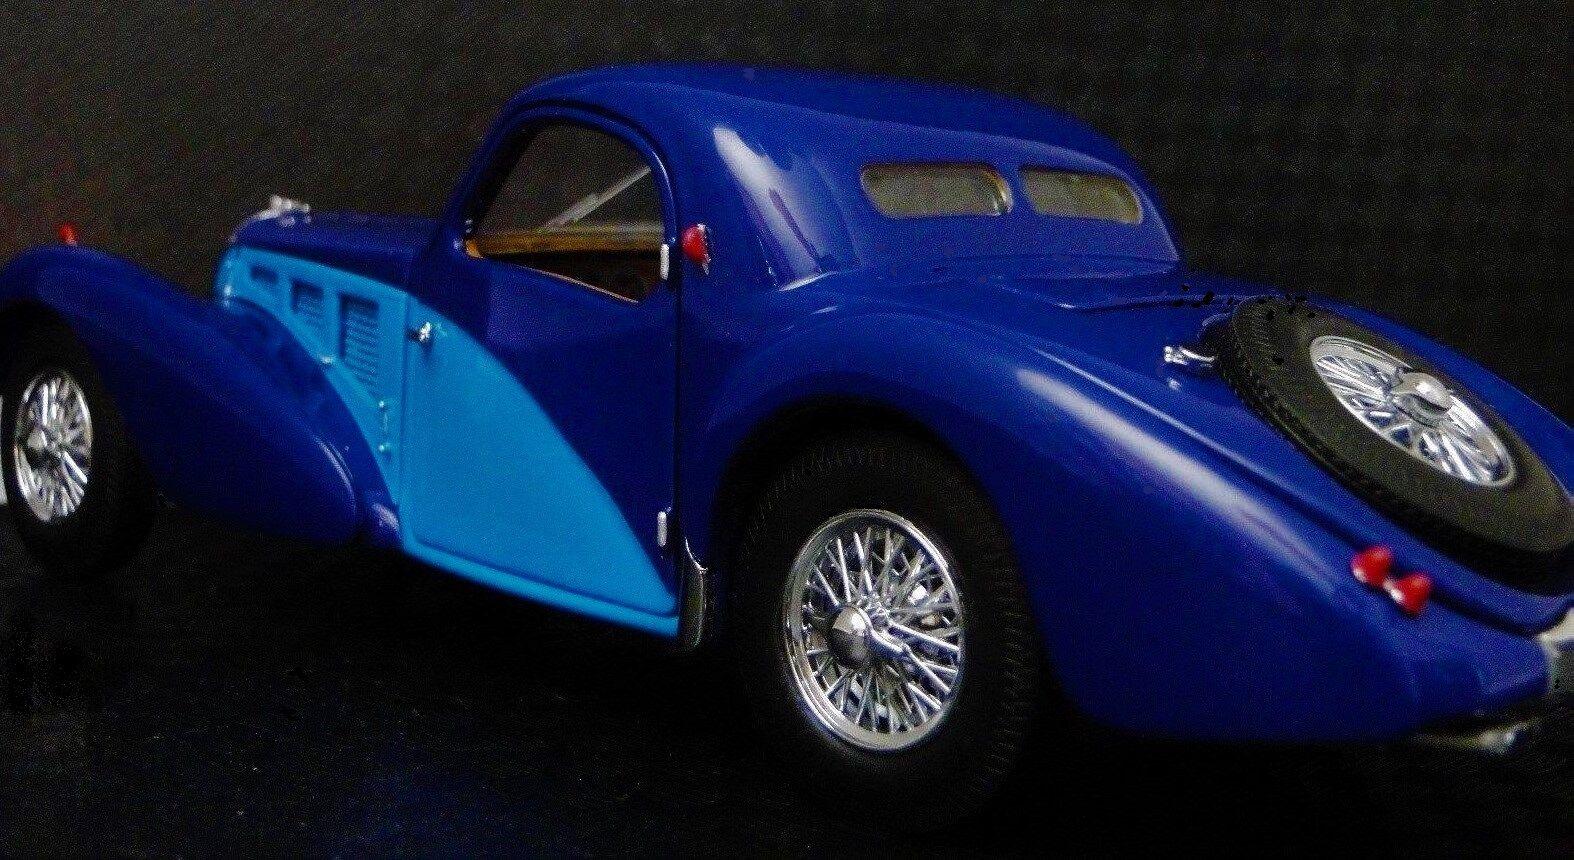 1 Bugatti retro sportbil 1930 -talet Sällsynta 12 Exotic Classic 18 Concept tärningskast 24